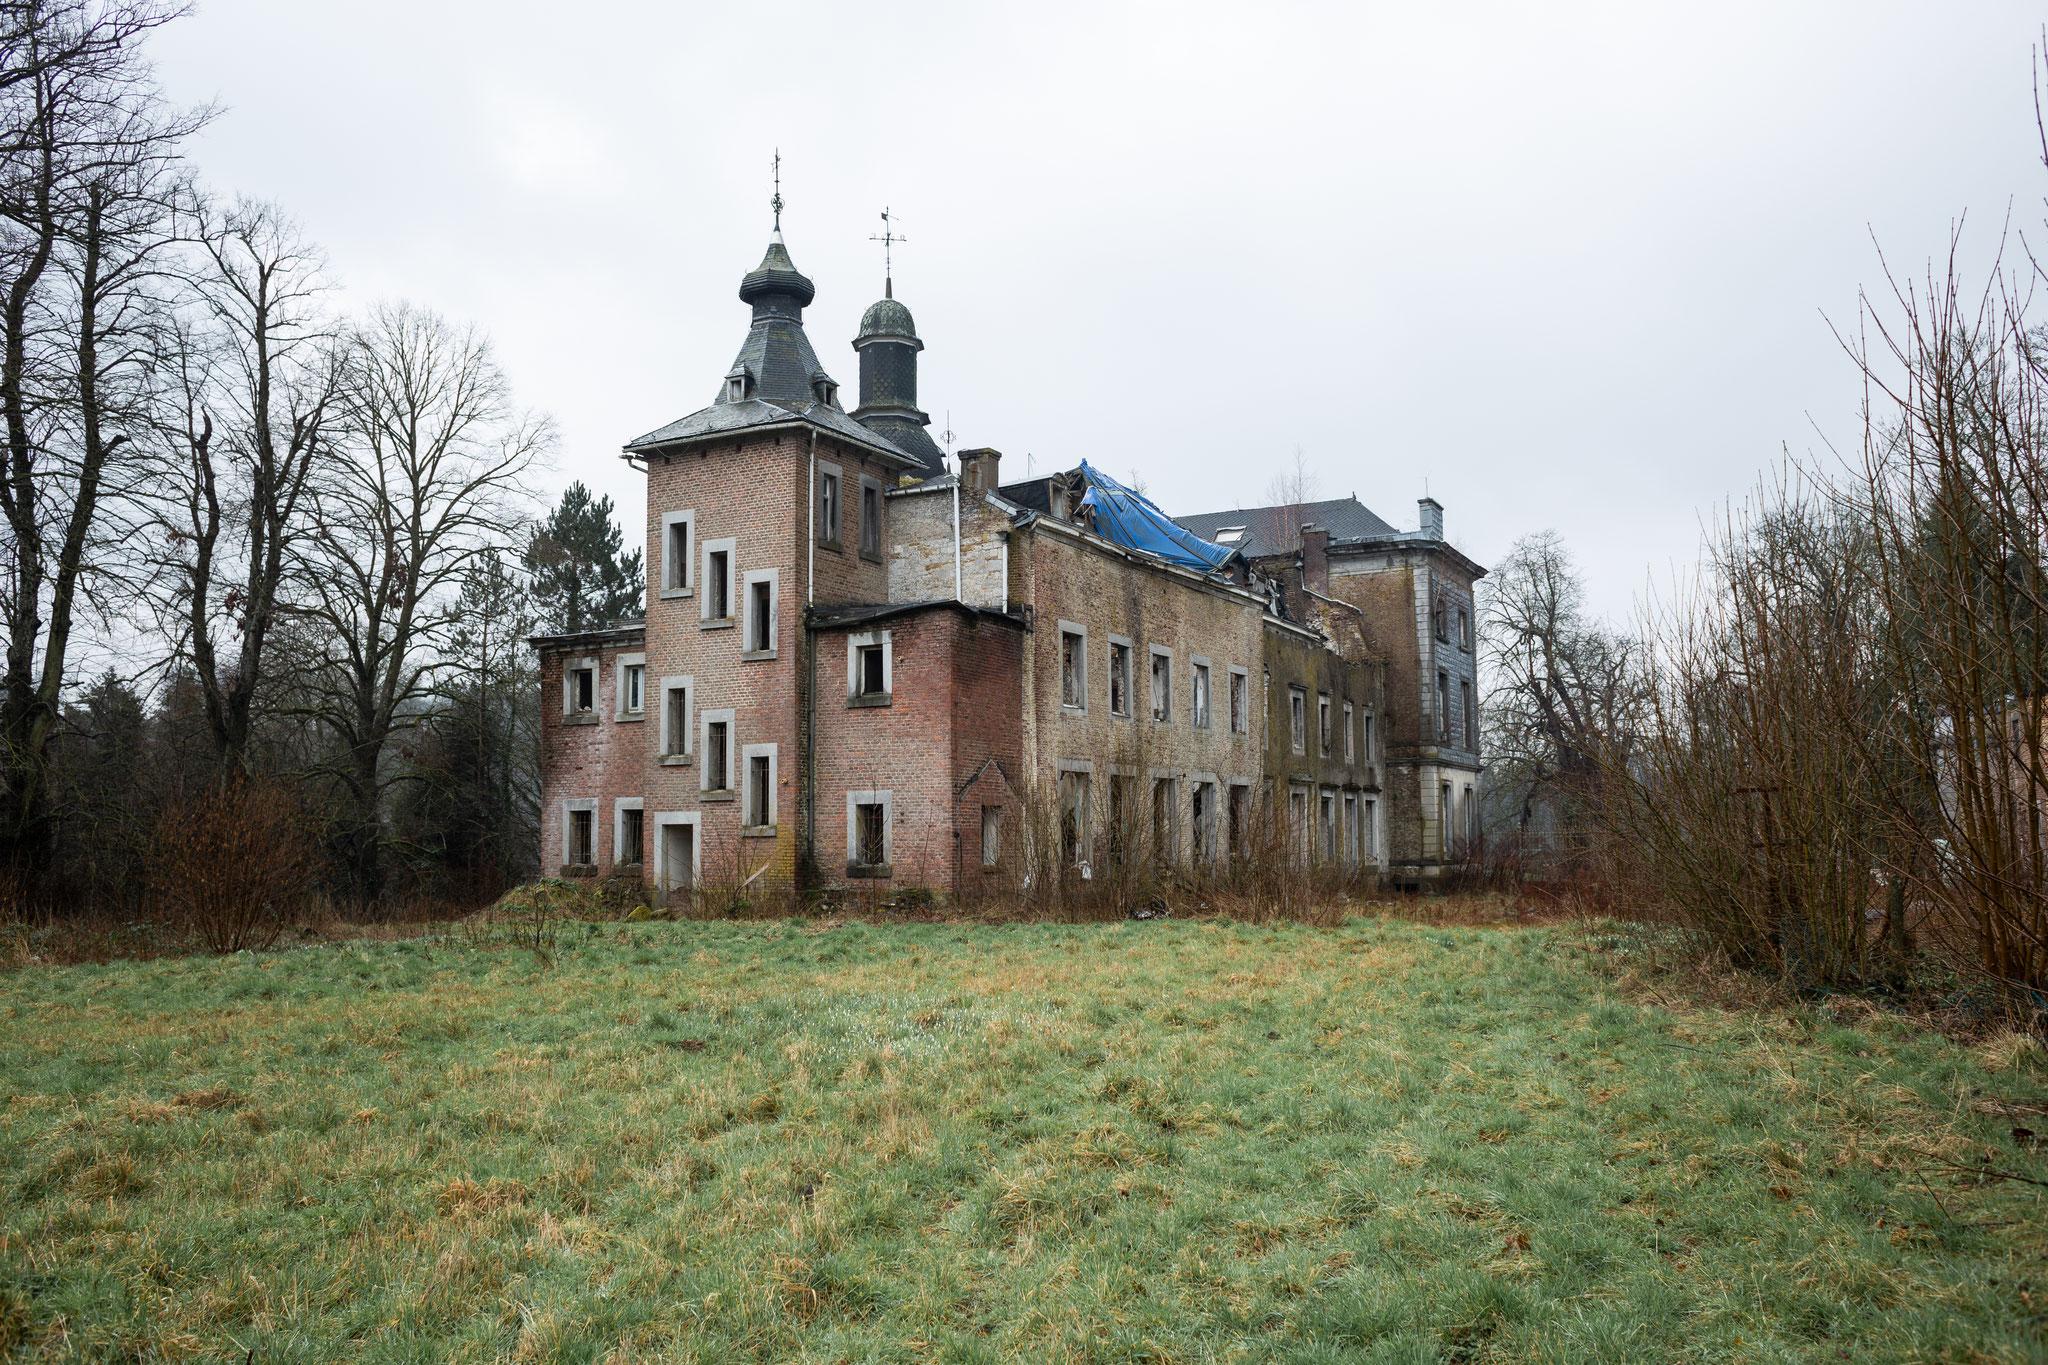 Chateau Congo III, Mars 2020, Belgium